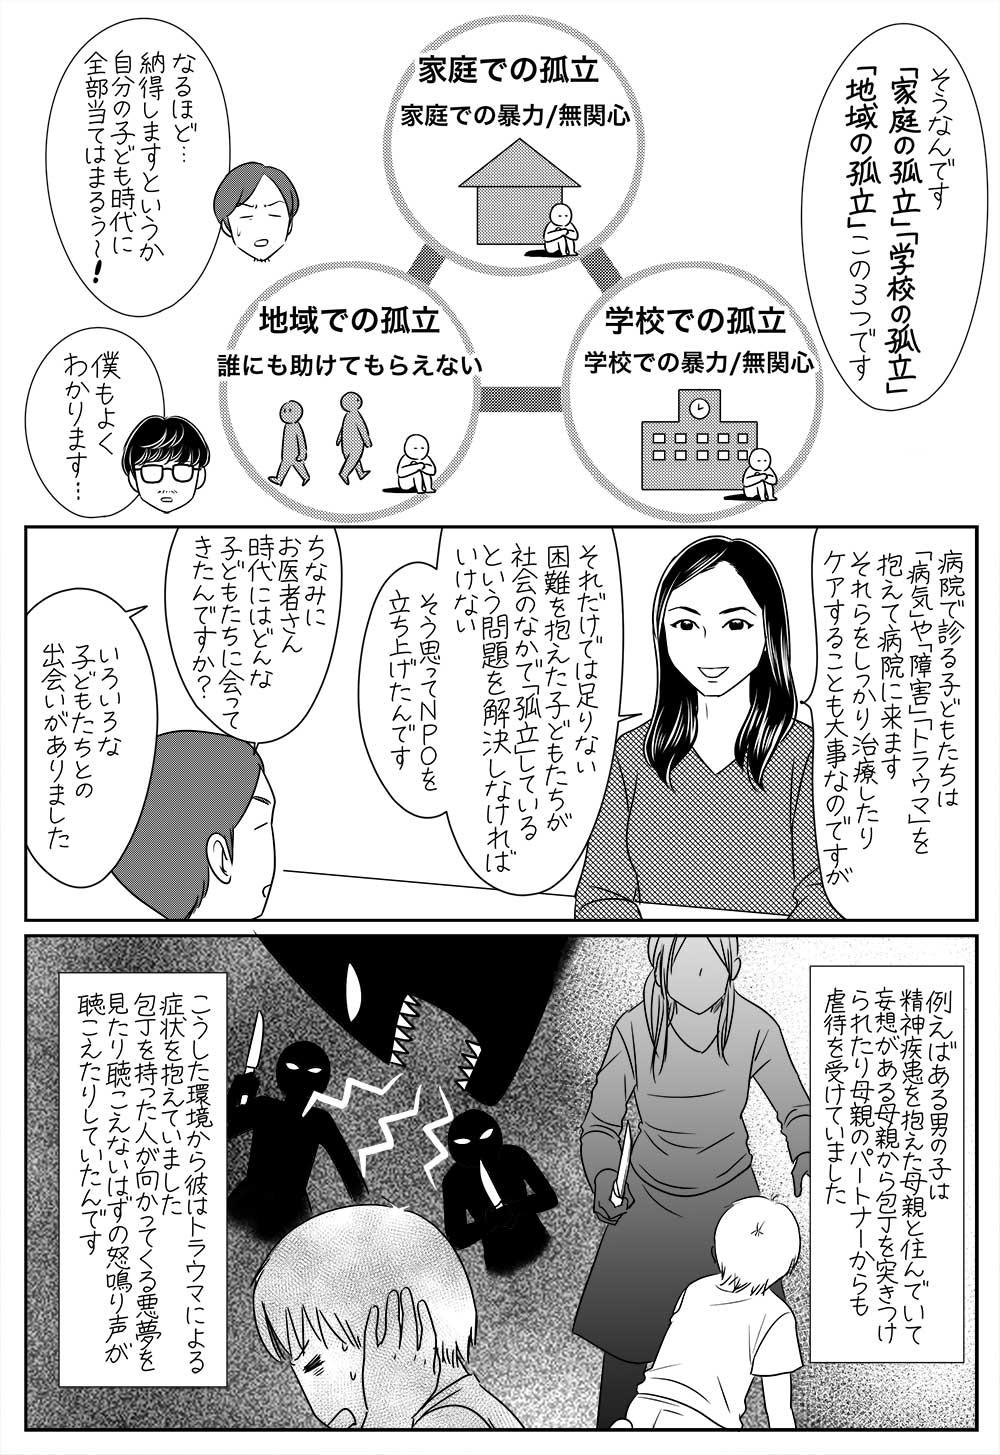 f:id:kakijiro:20170501004226j:plain